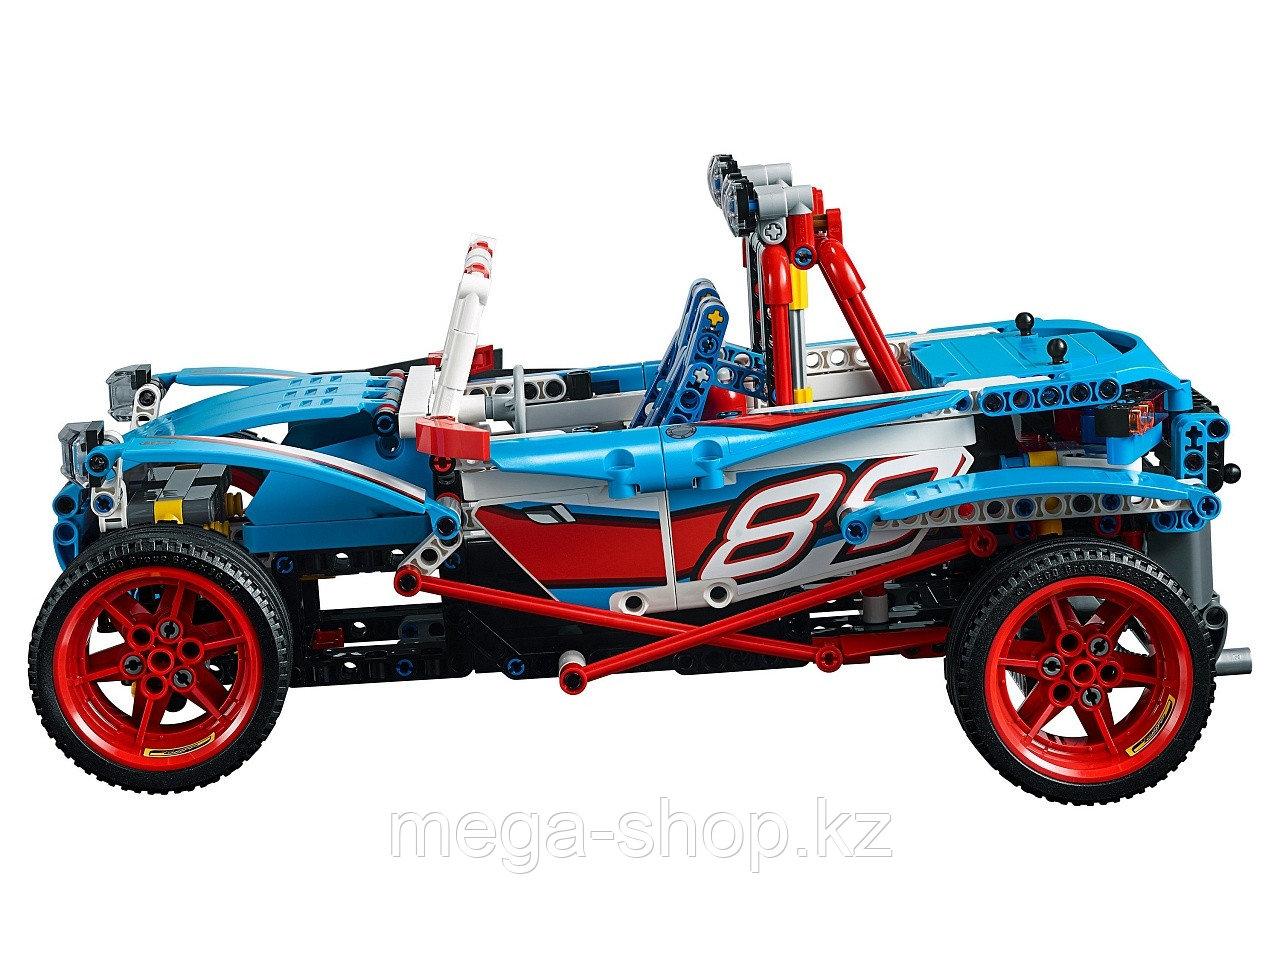 Конструктор Bela Technic Гоночный автомобиль 10826 1029 дет - фото 5